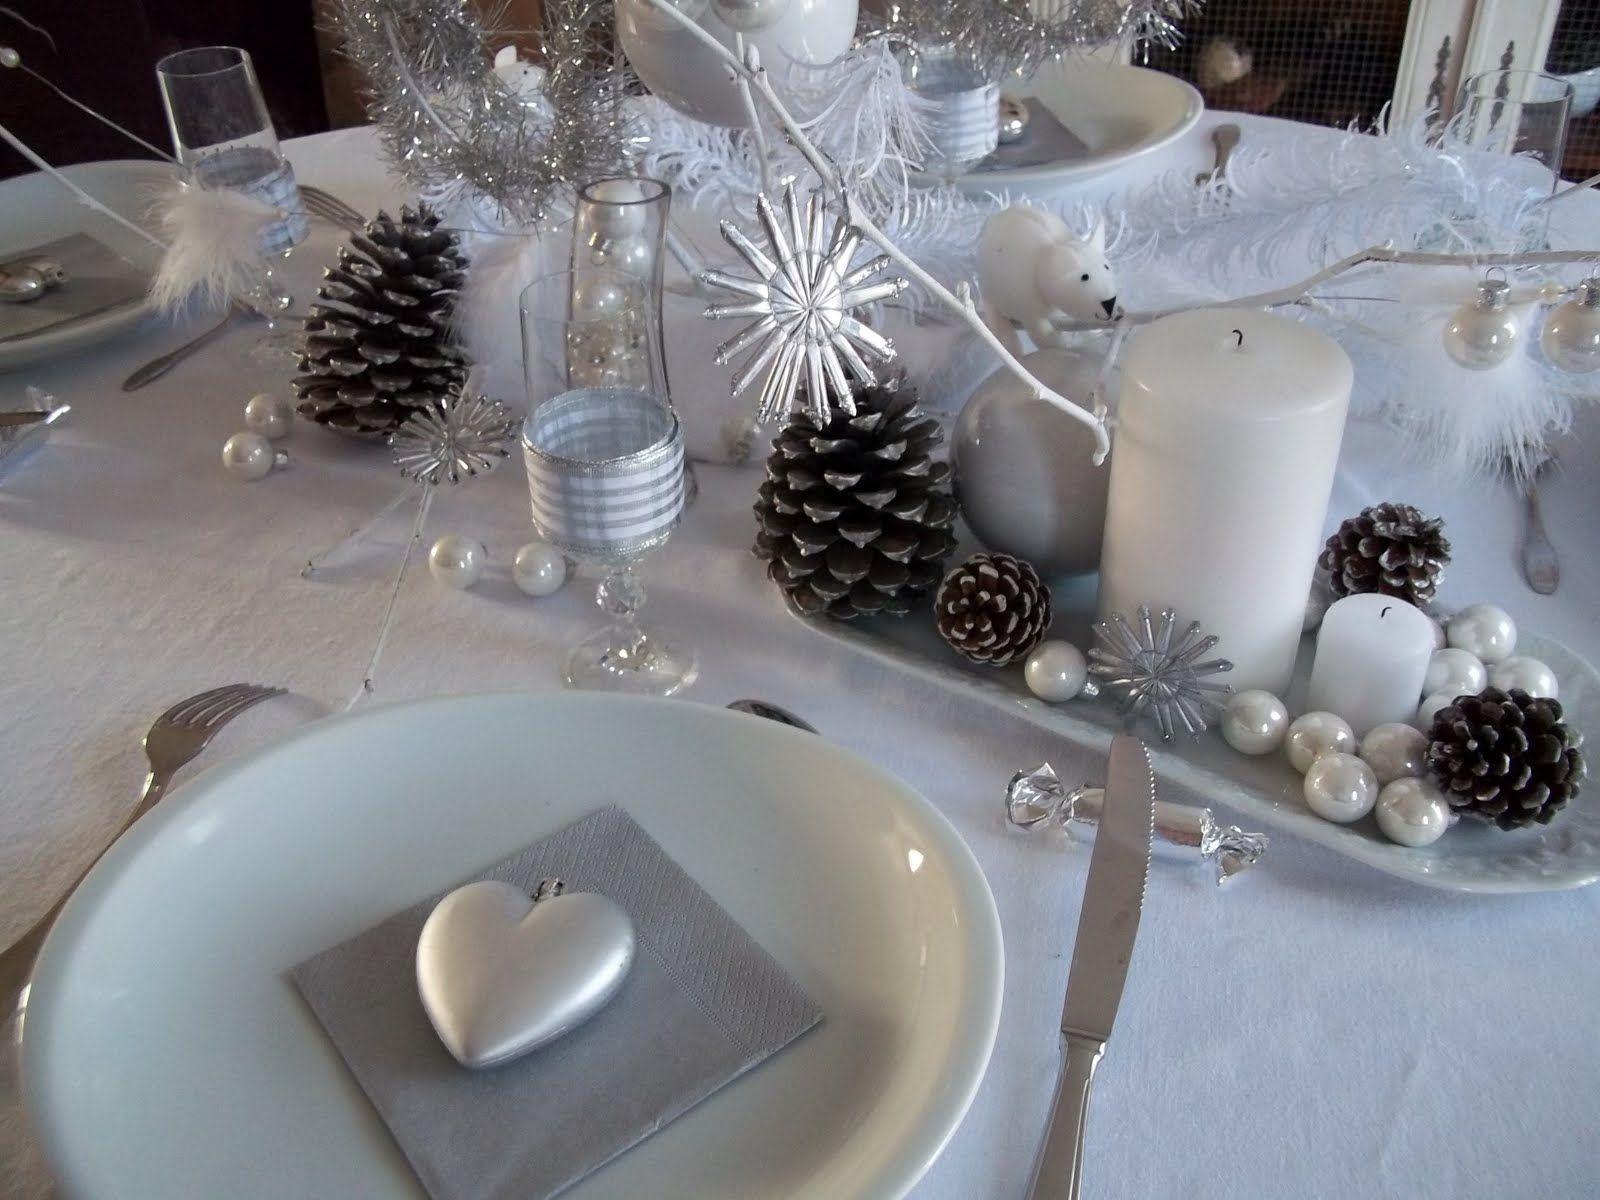 Une d co de table blanche et argent pour no l no l pinterest tables blanches deco de - Deco table noel bleu argent ...